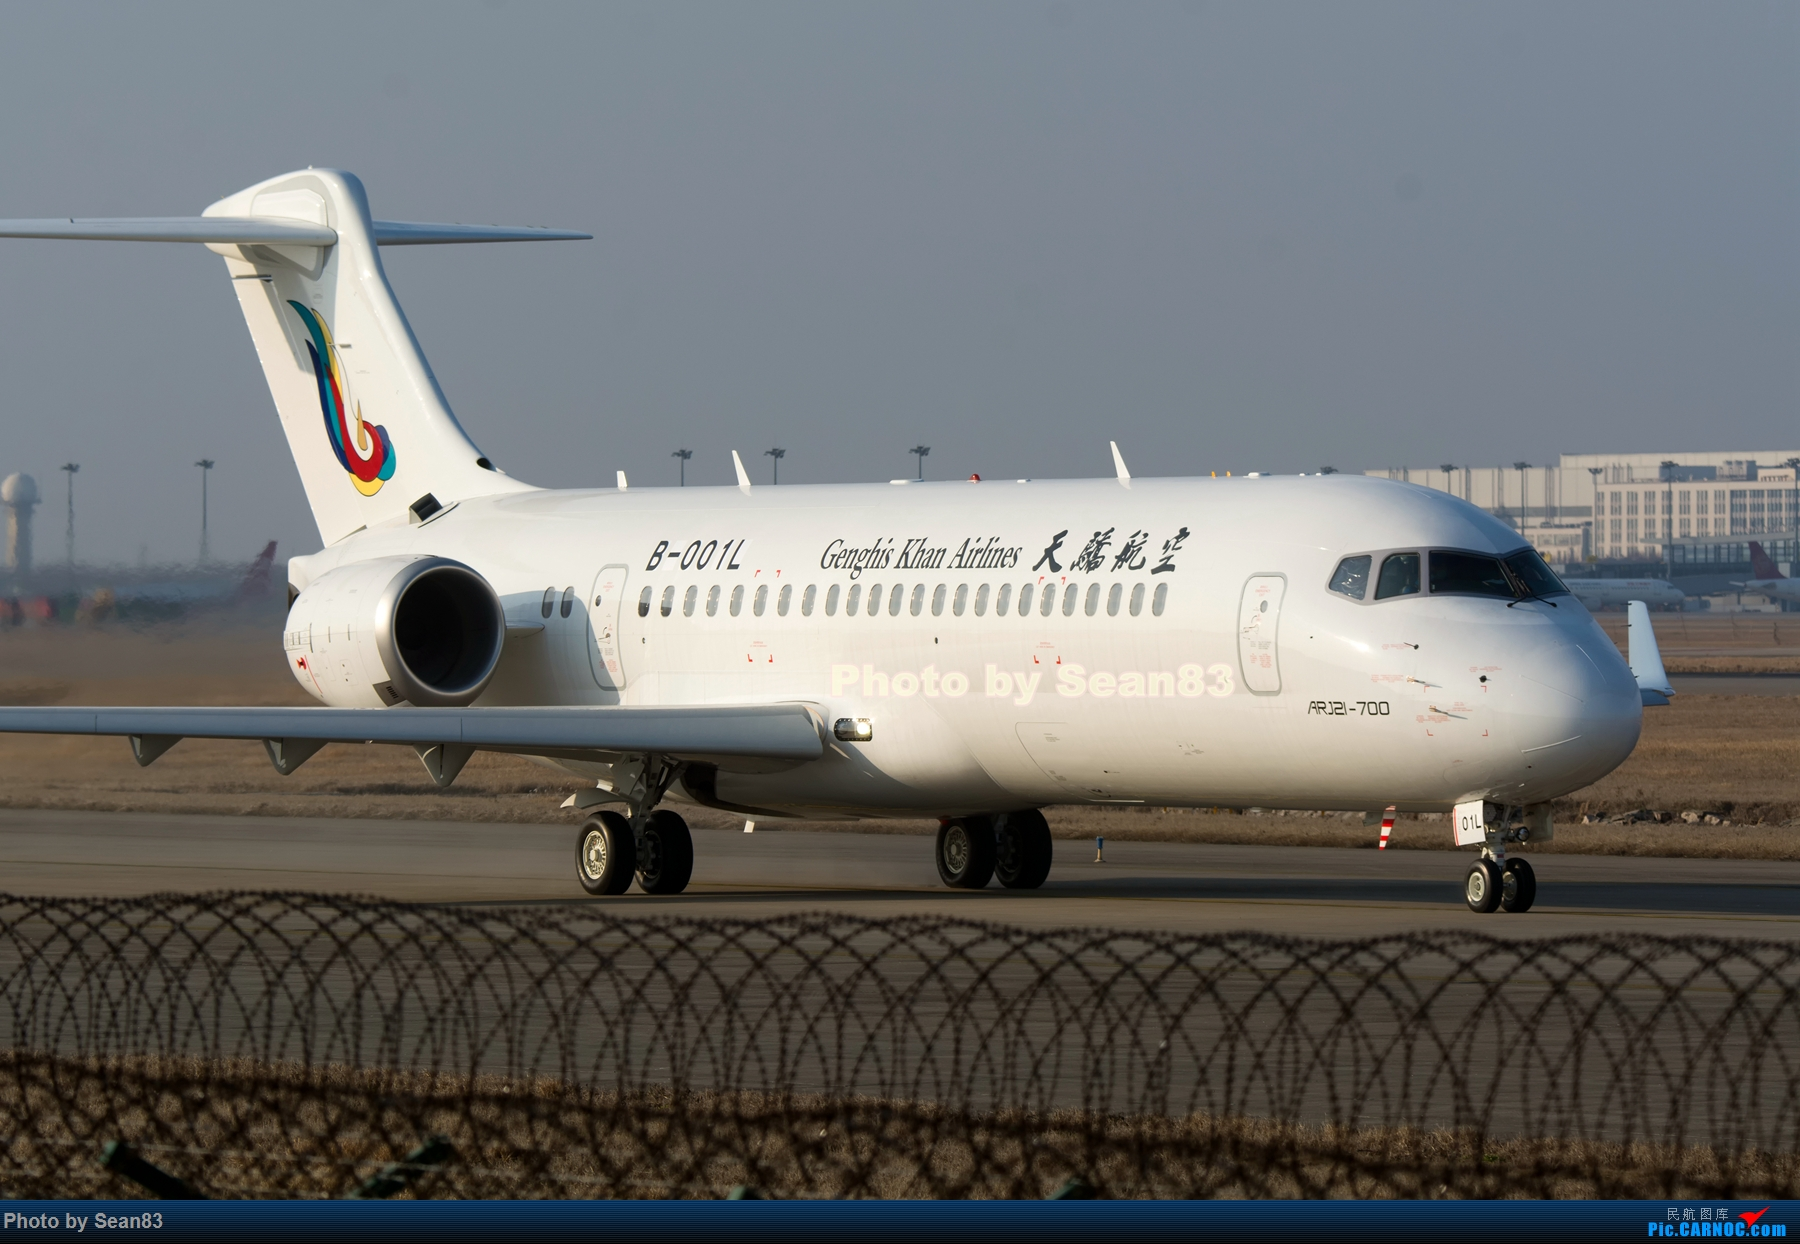 [原创]阿娇-天骄 COMAC ARJ21-700 B-001L 中国上海浦东国际机场